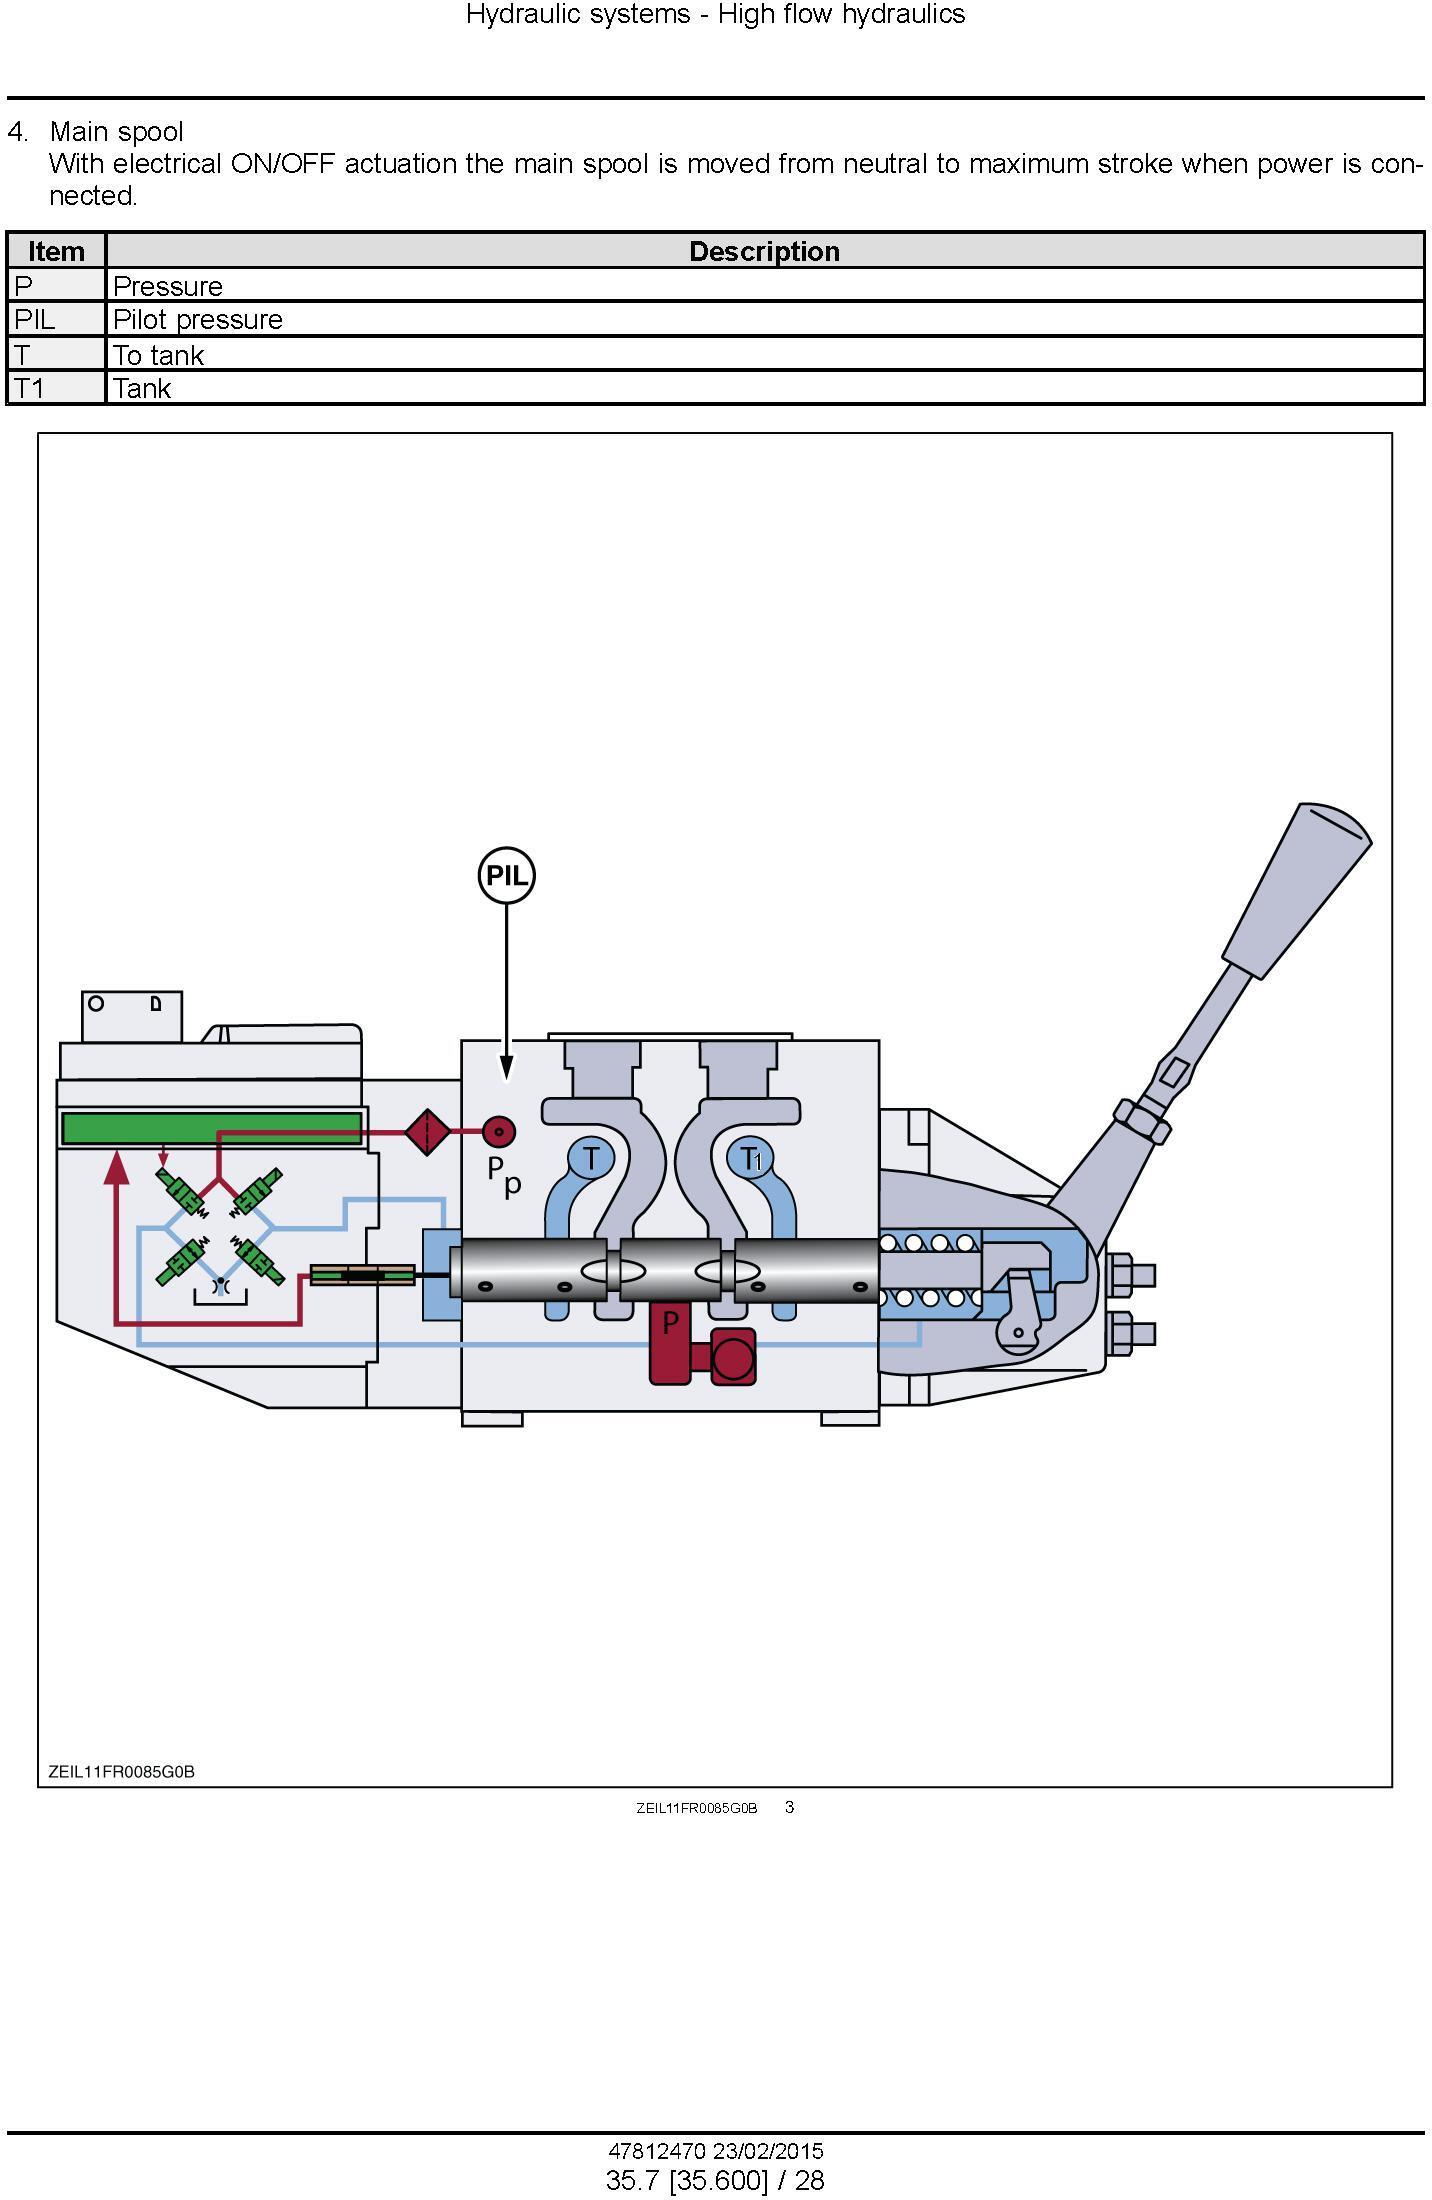 New Holland FR450, FR500, FR600, FR700, FR850 Forage Harvester Complete Service Manual - 1